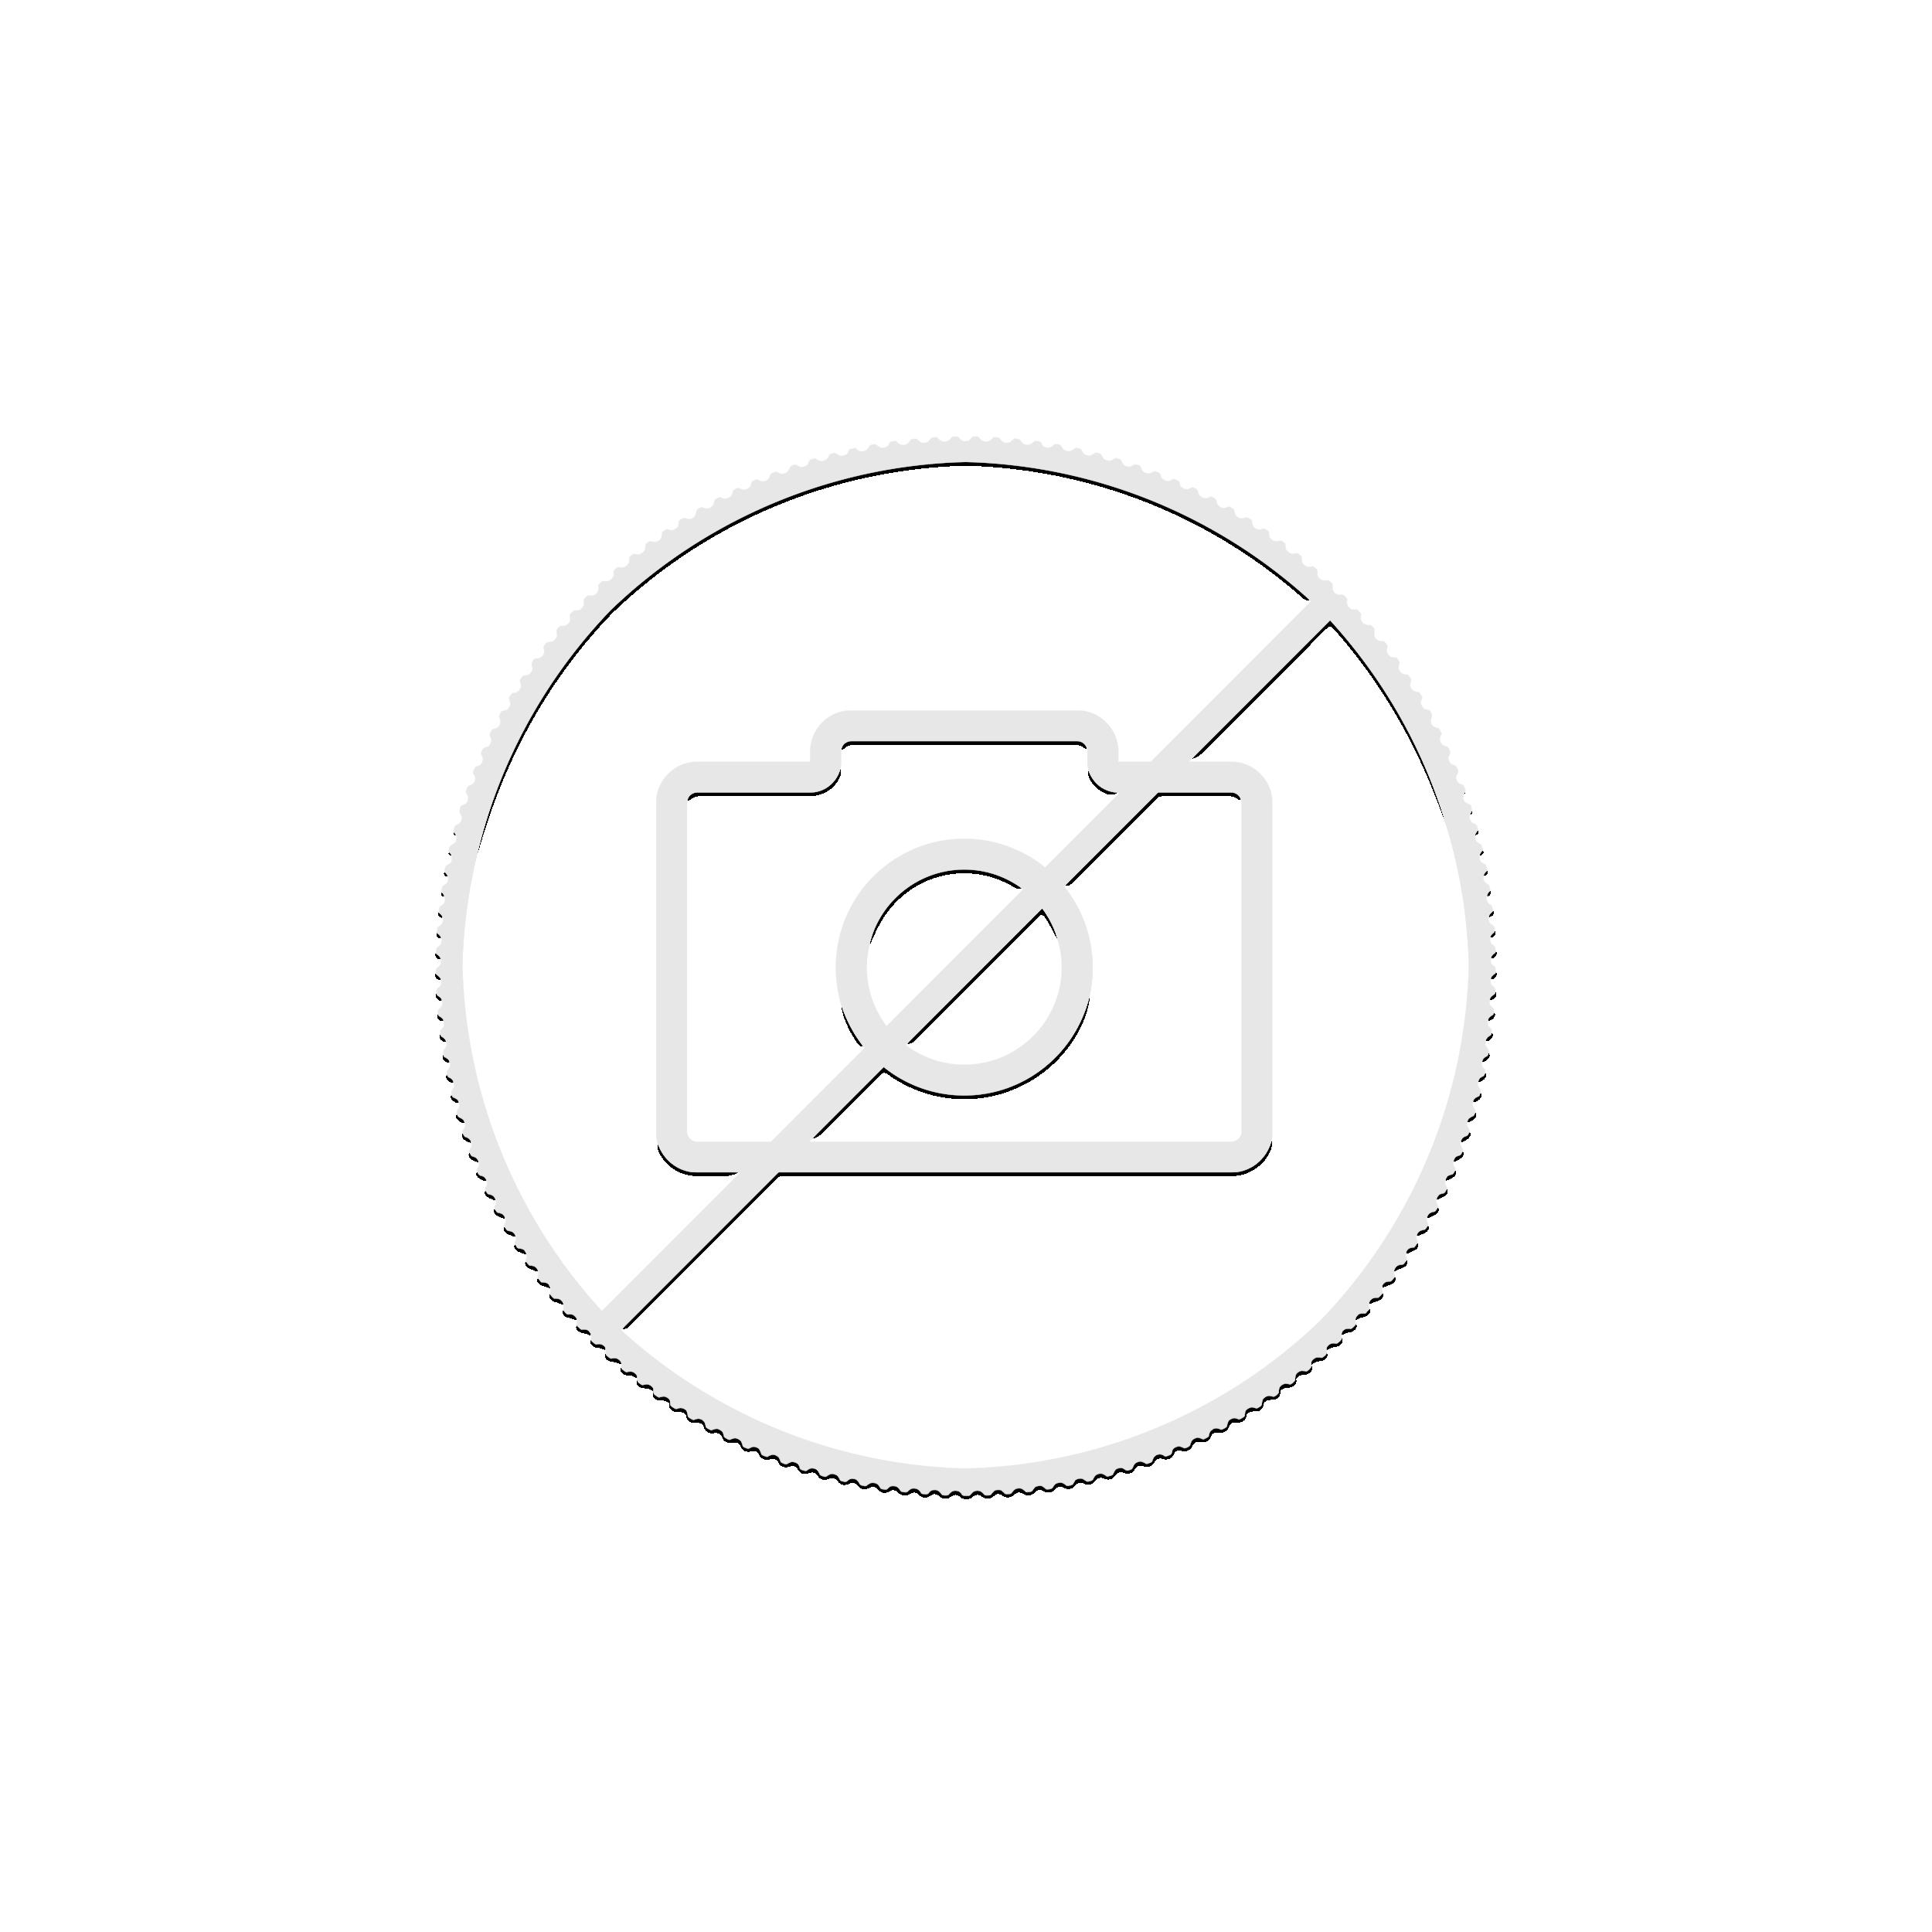 1 troy ounce zilveren munt Wallstreetbets 2021